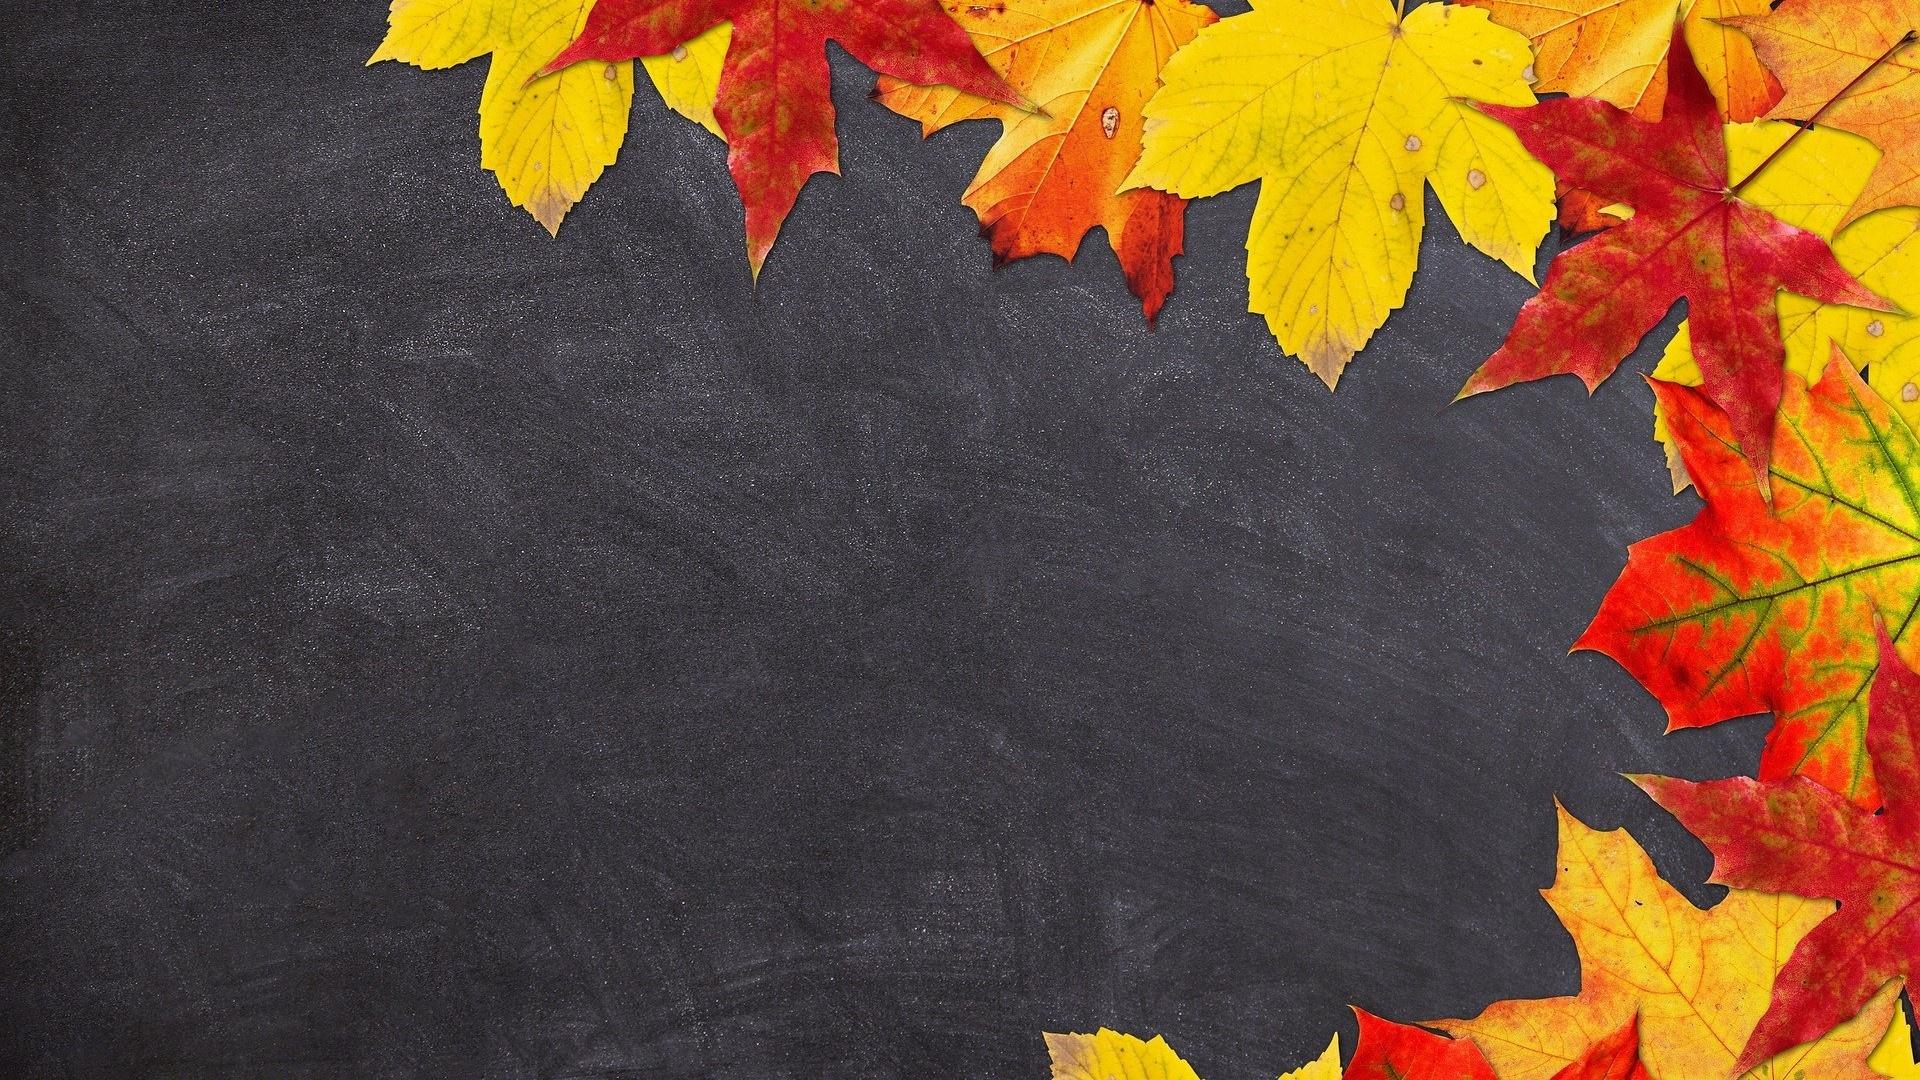 School desktop background